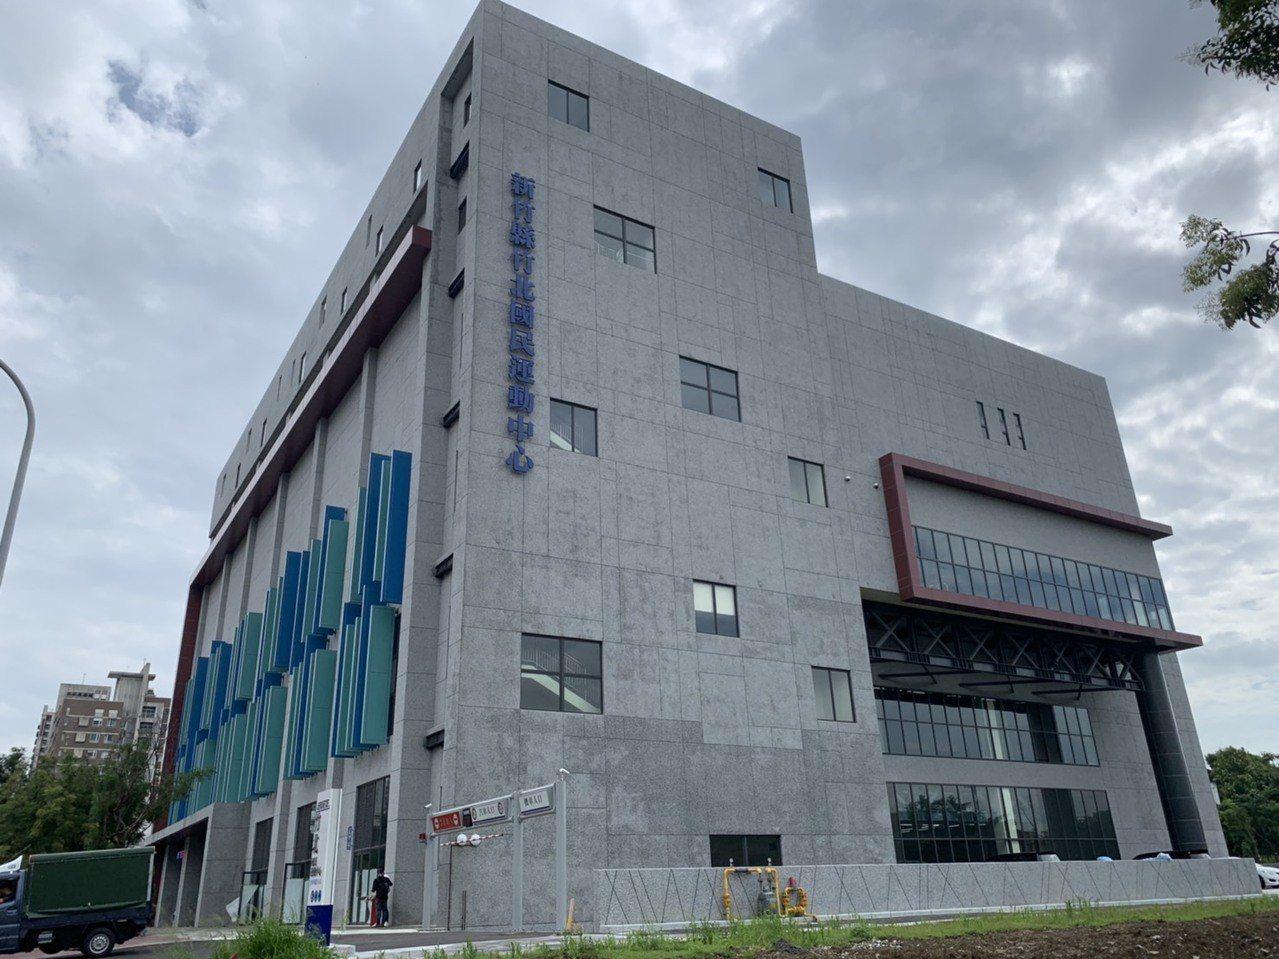 去年10月完工的新竹縣竹北國民運動中心,目前還未營運。記者陳斯穎/攝影